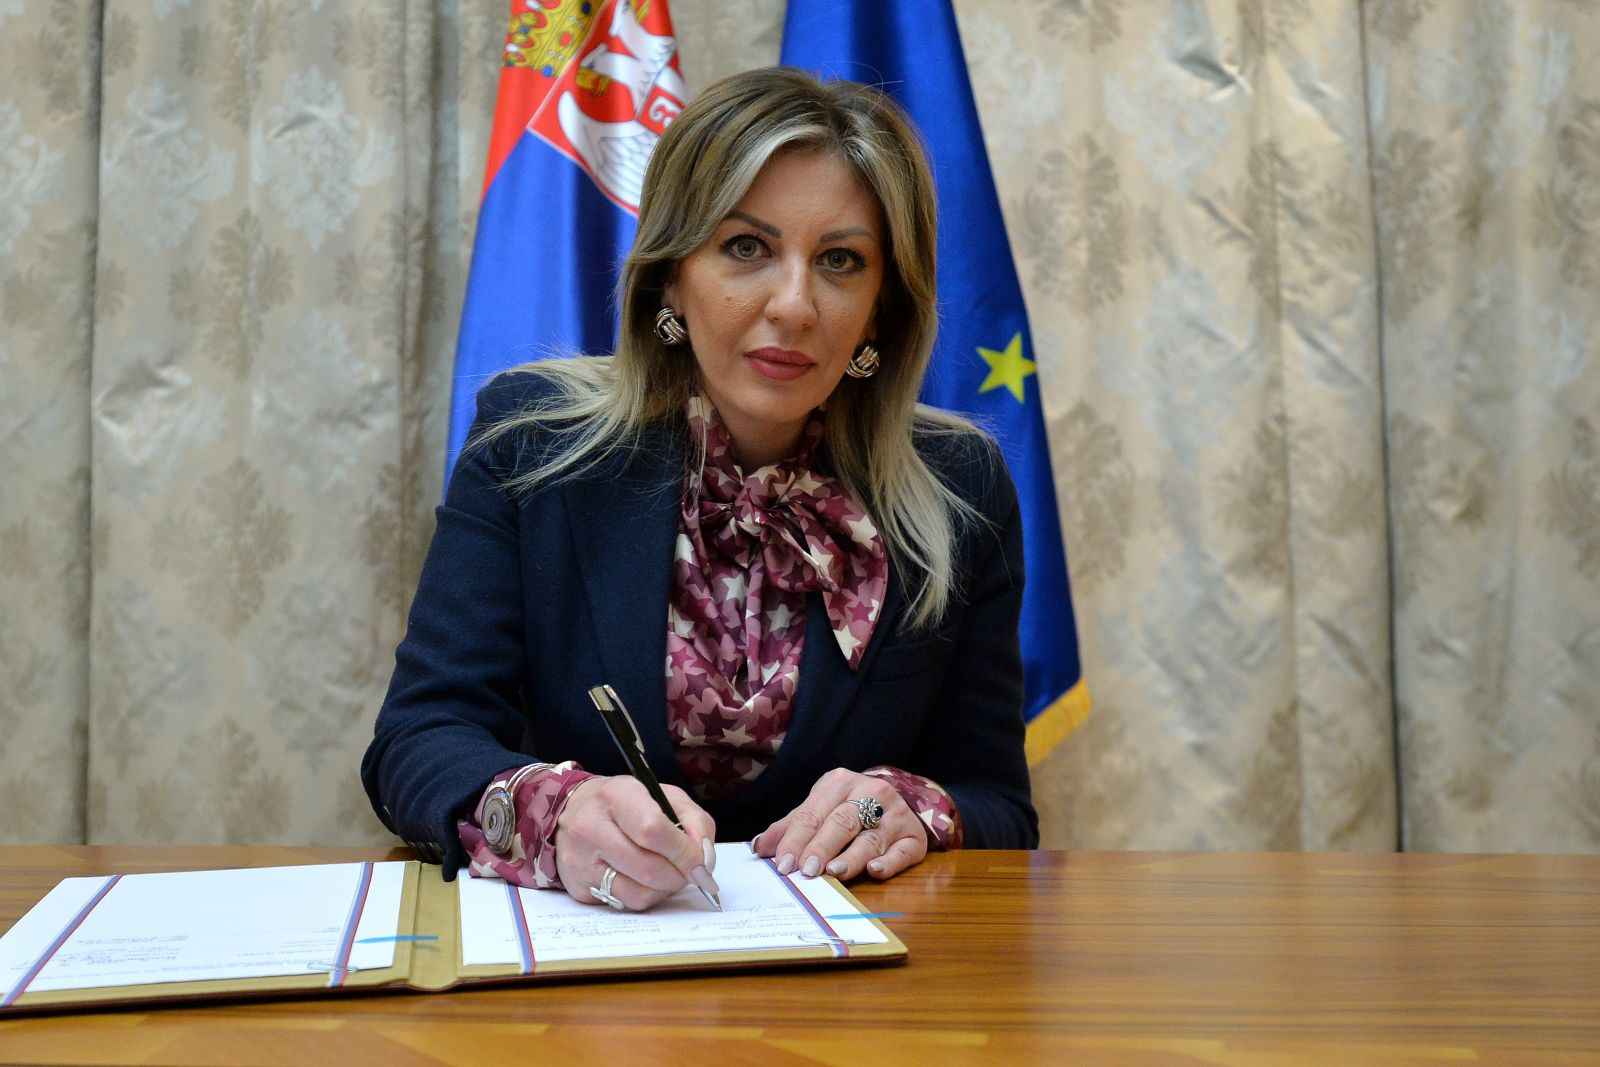 Ј. Јоксимовић: Још милион евра за стамбено збрињавање избеглица